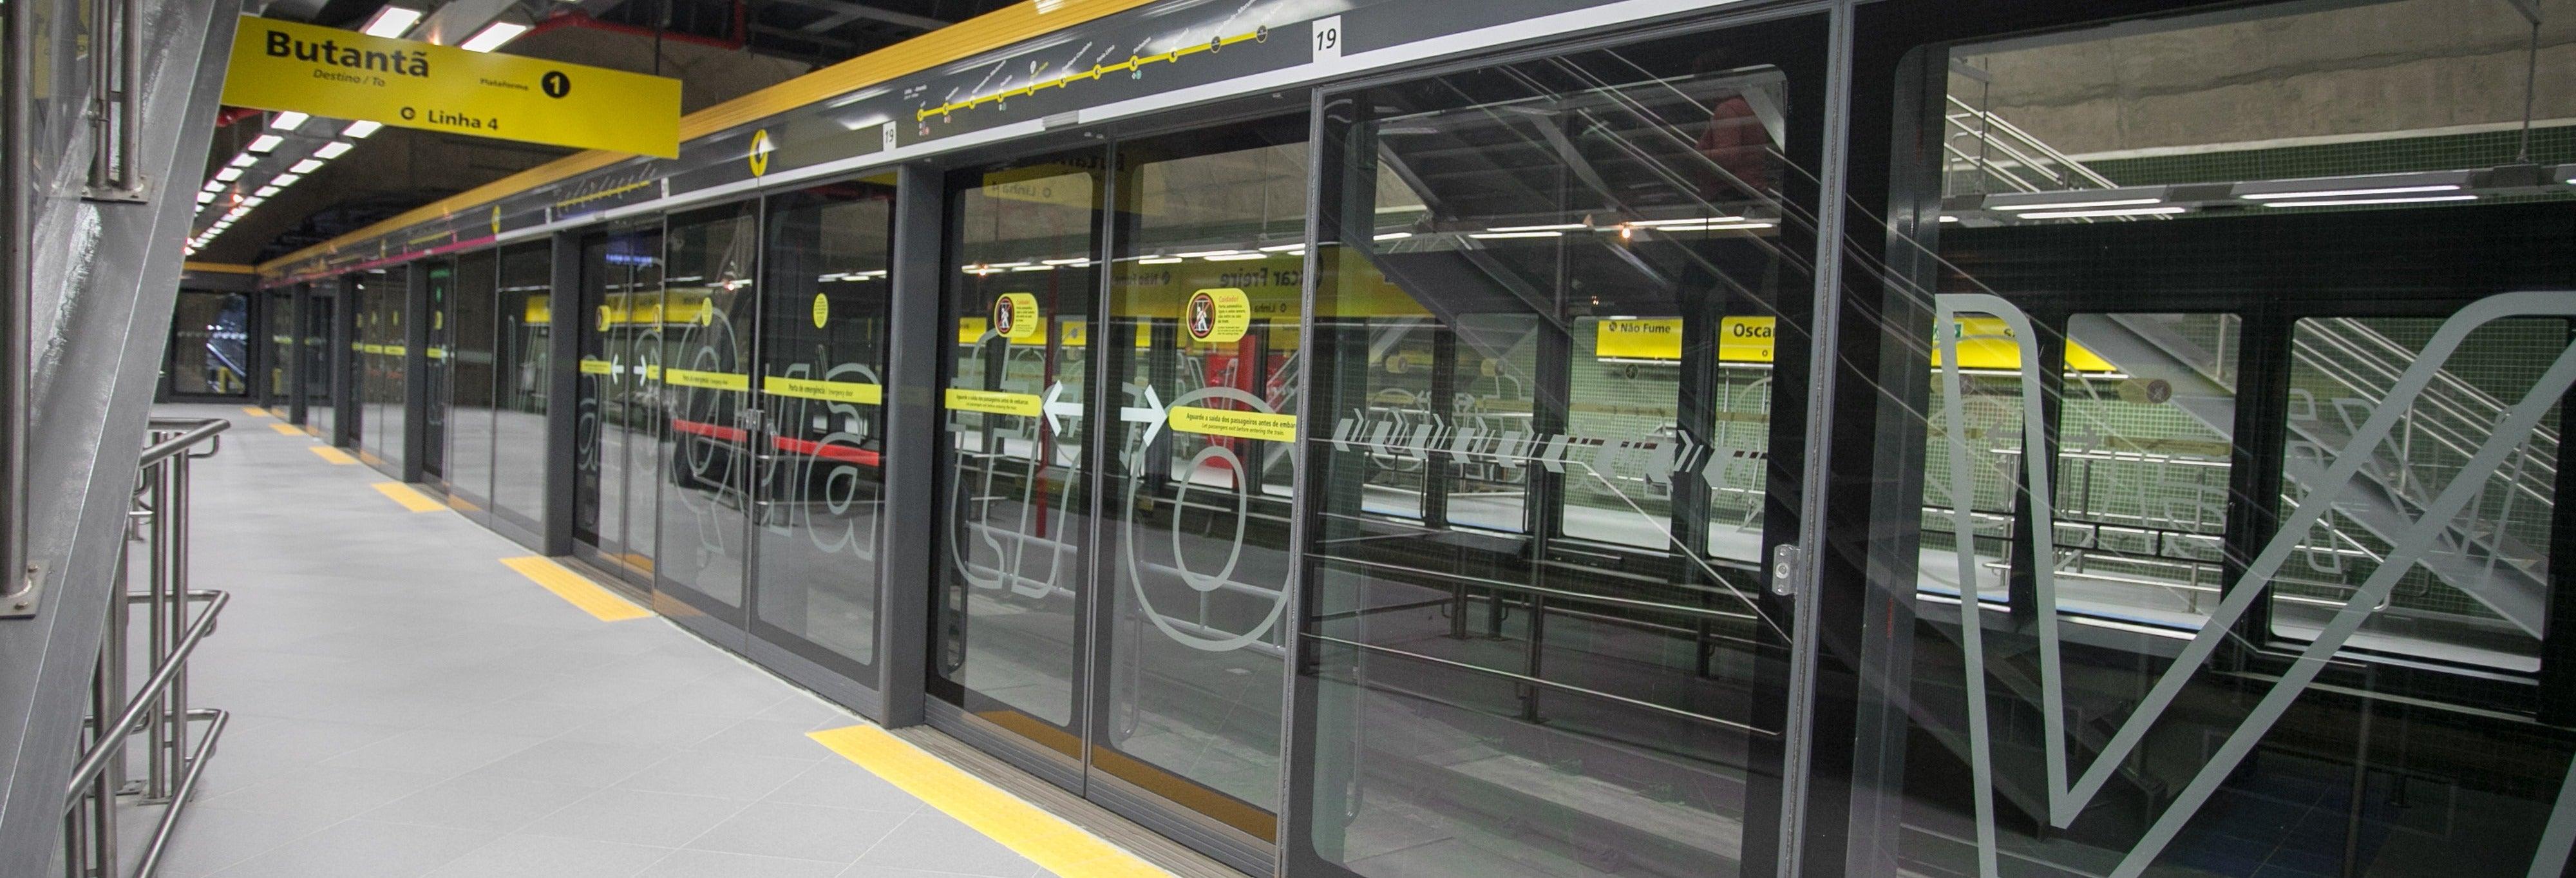 Tour de metrô por São Paulo